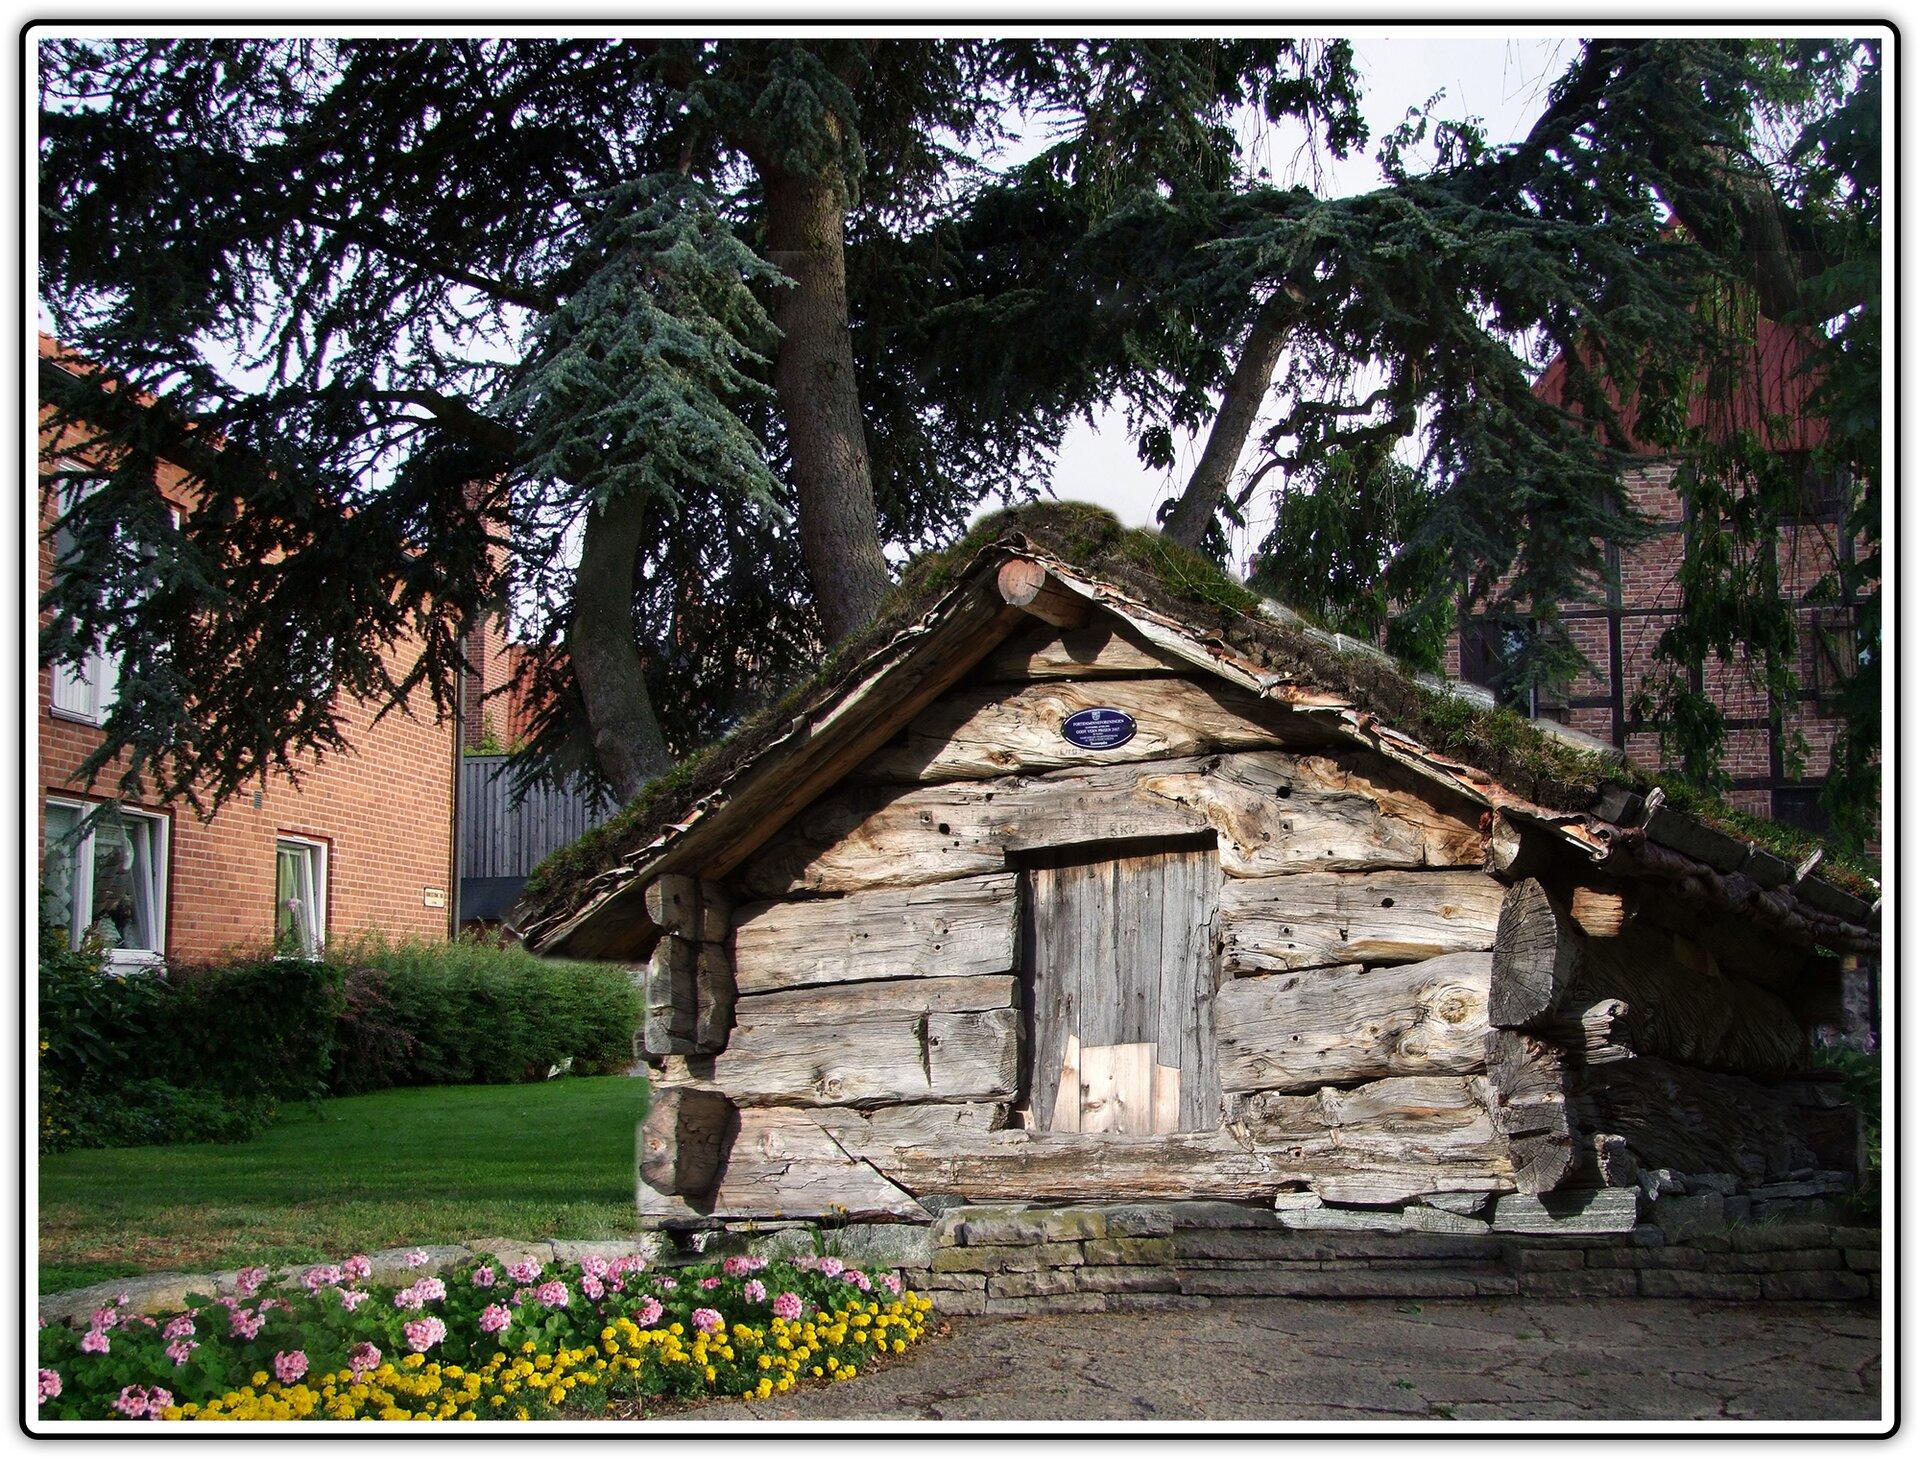 Fotografia po fotomontażu przedstawiająca starą chatę na tle współczesnych budynków